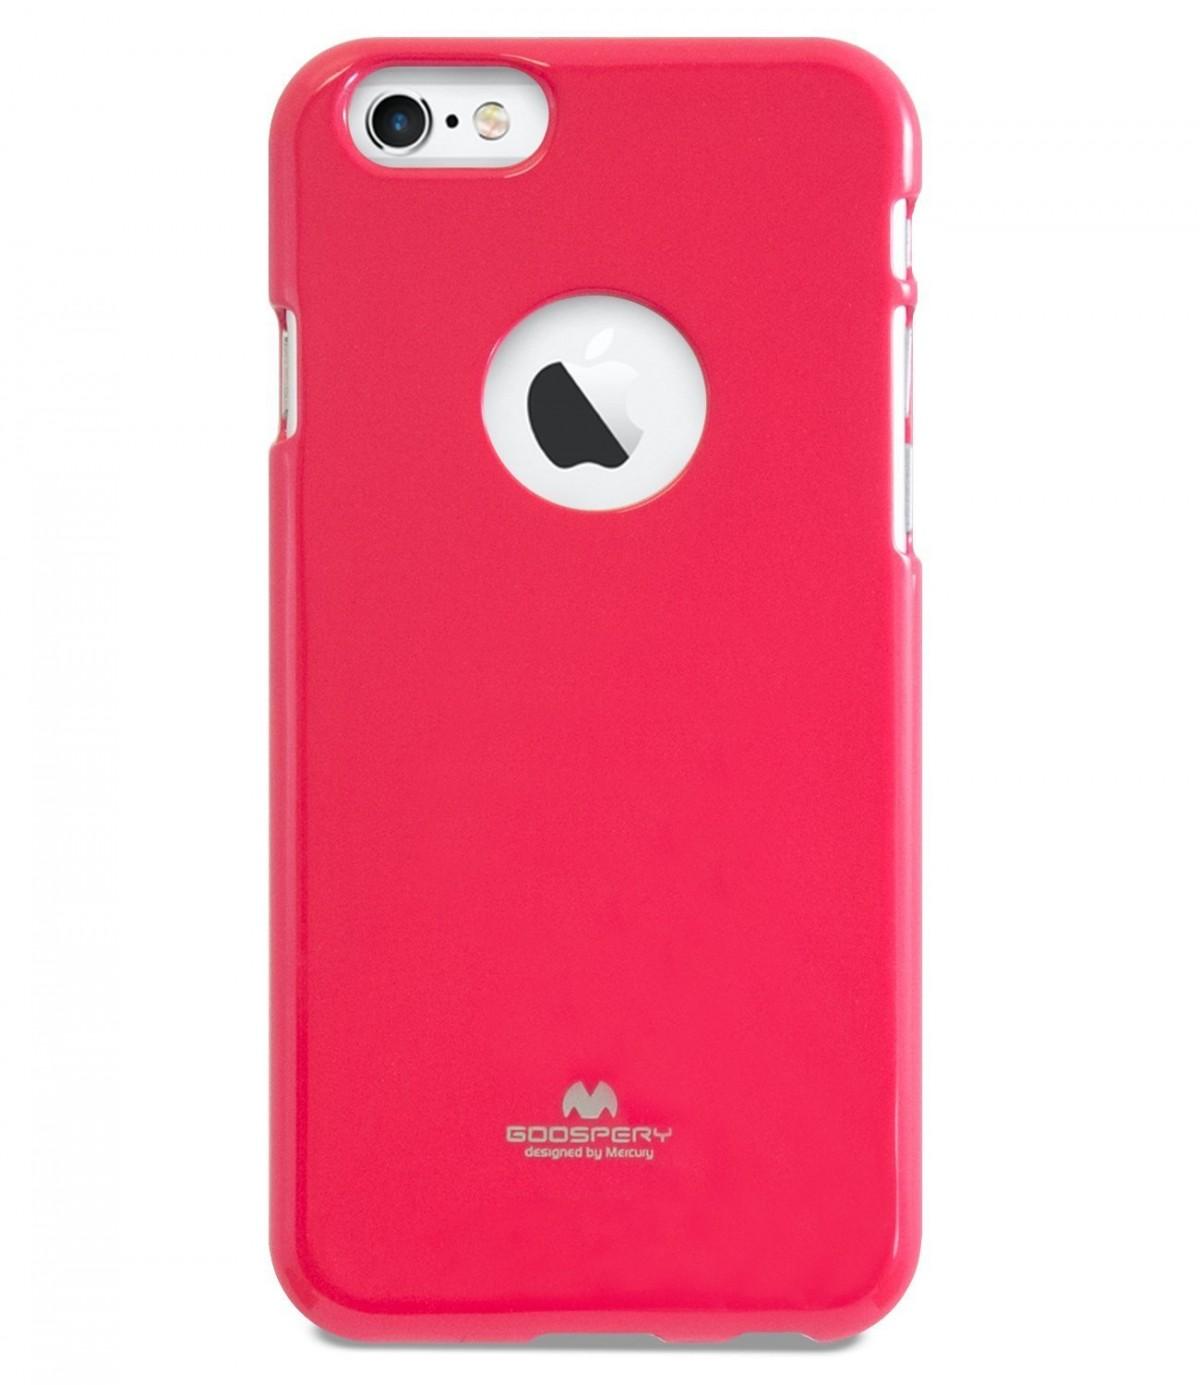 Tenké silikonové obaly / kryty Goospery Mercury pro Apple iPhone 6s/6 - Tmavě růžový / Hot Pin